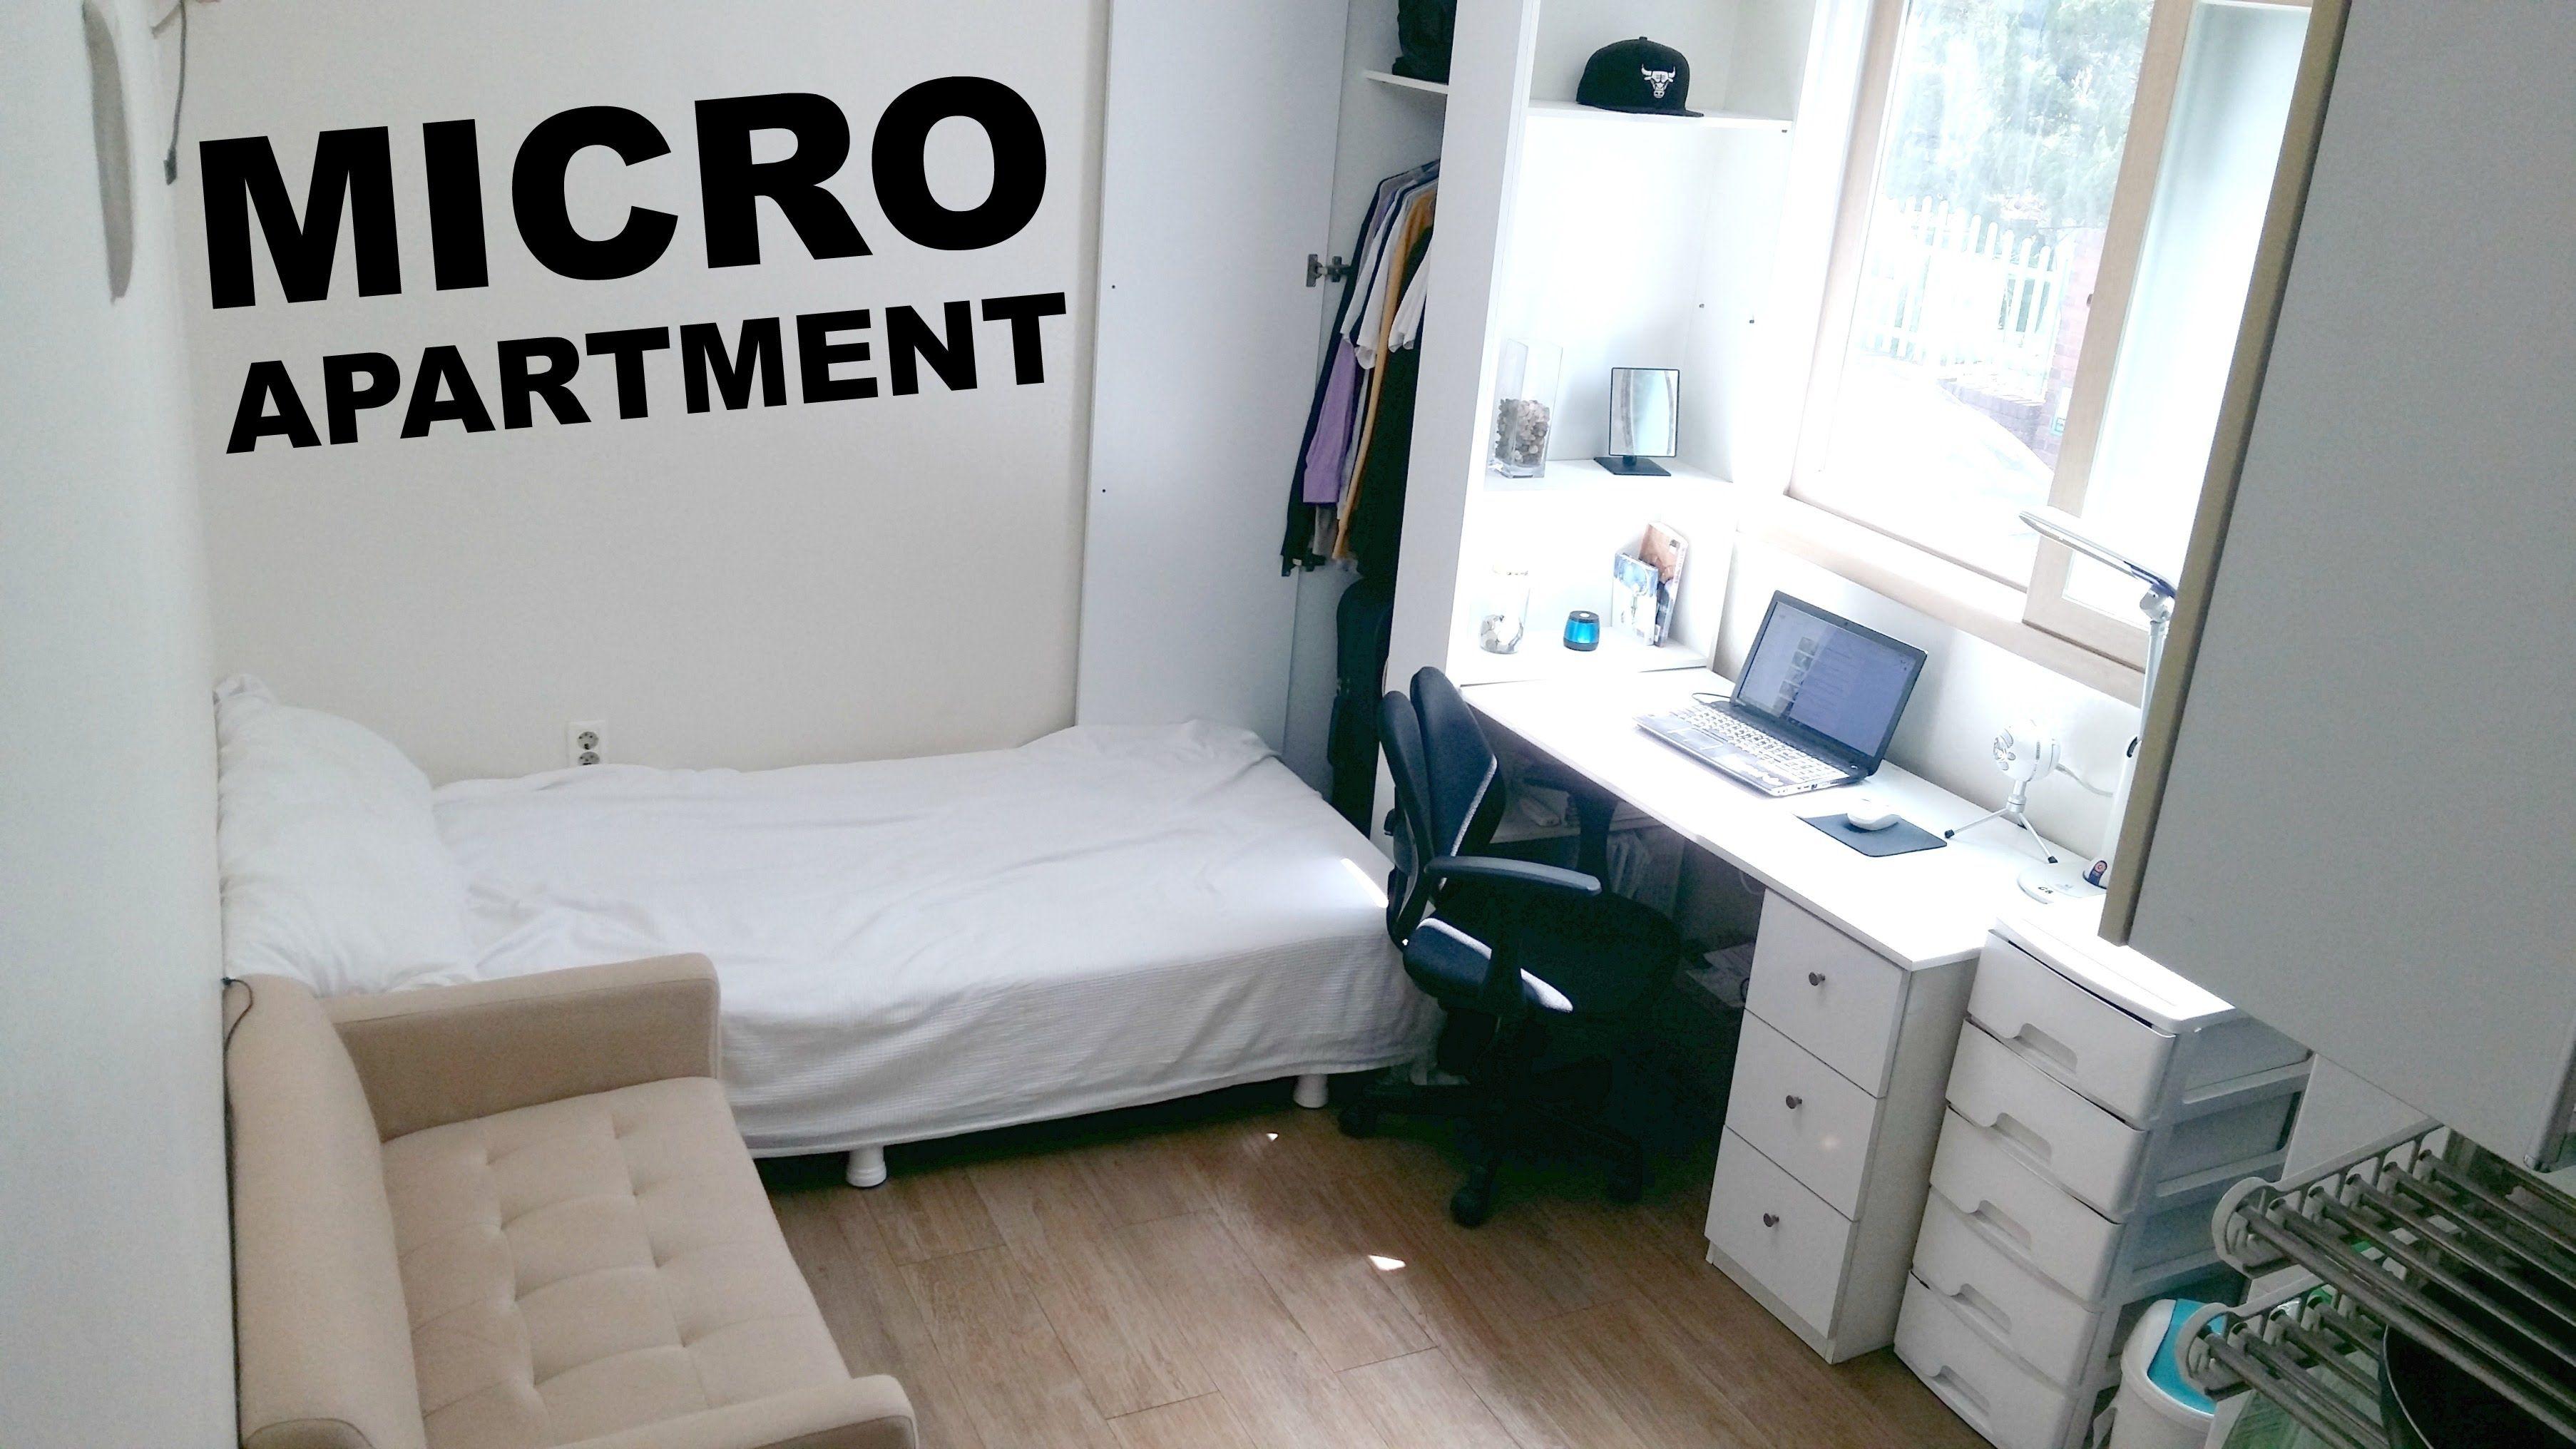 130 Sq Foot 500 Month Seoul Studio Apartment Tour